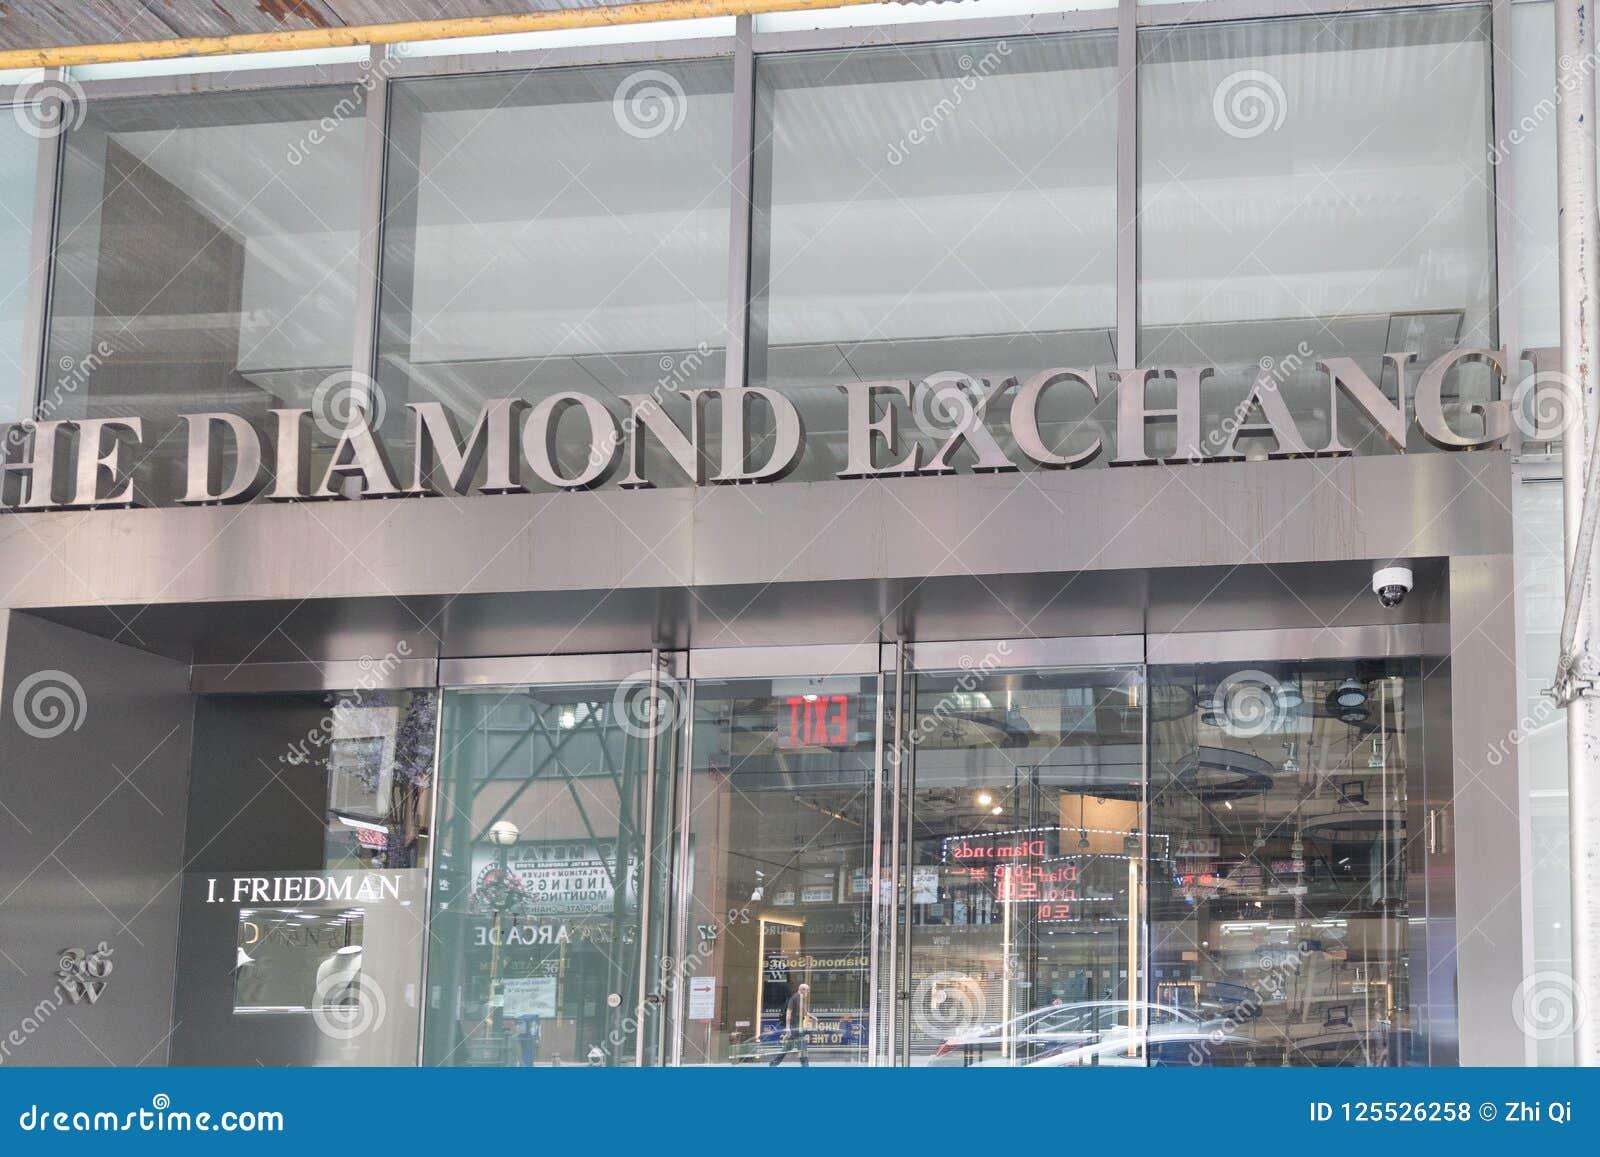 israel diamond exchange cryptocurrency